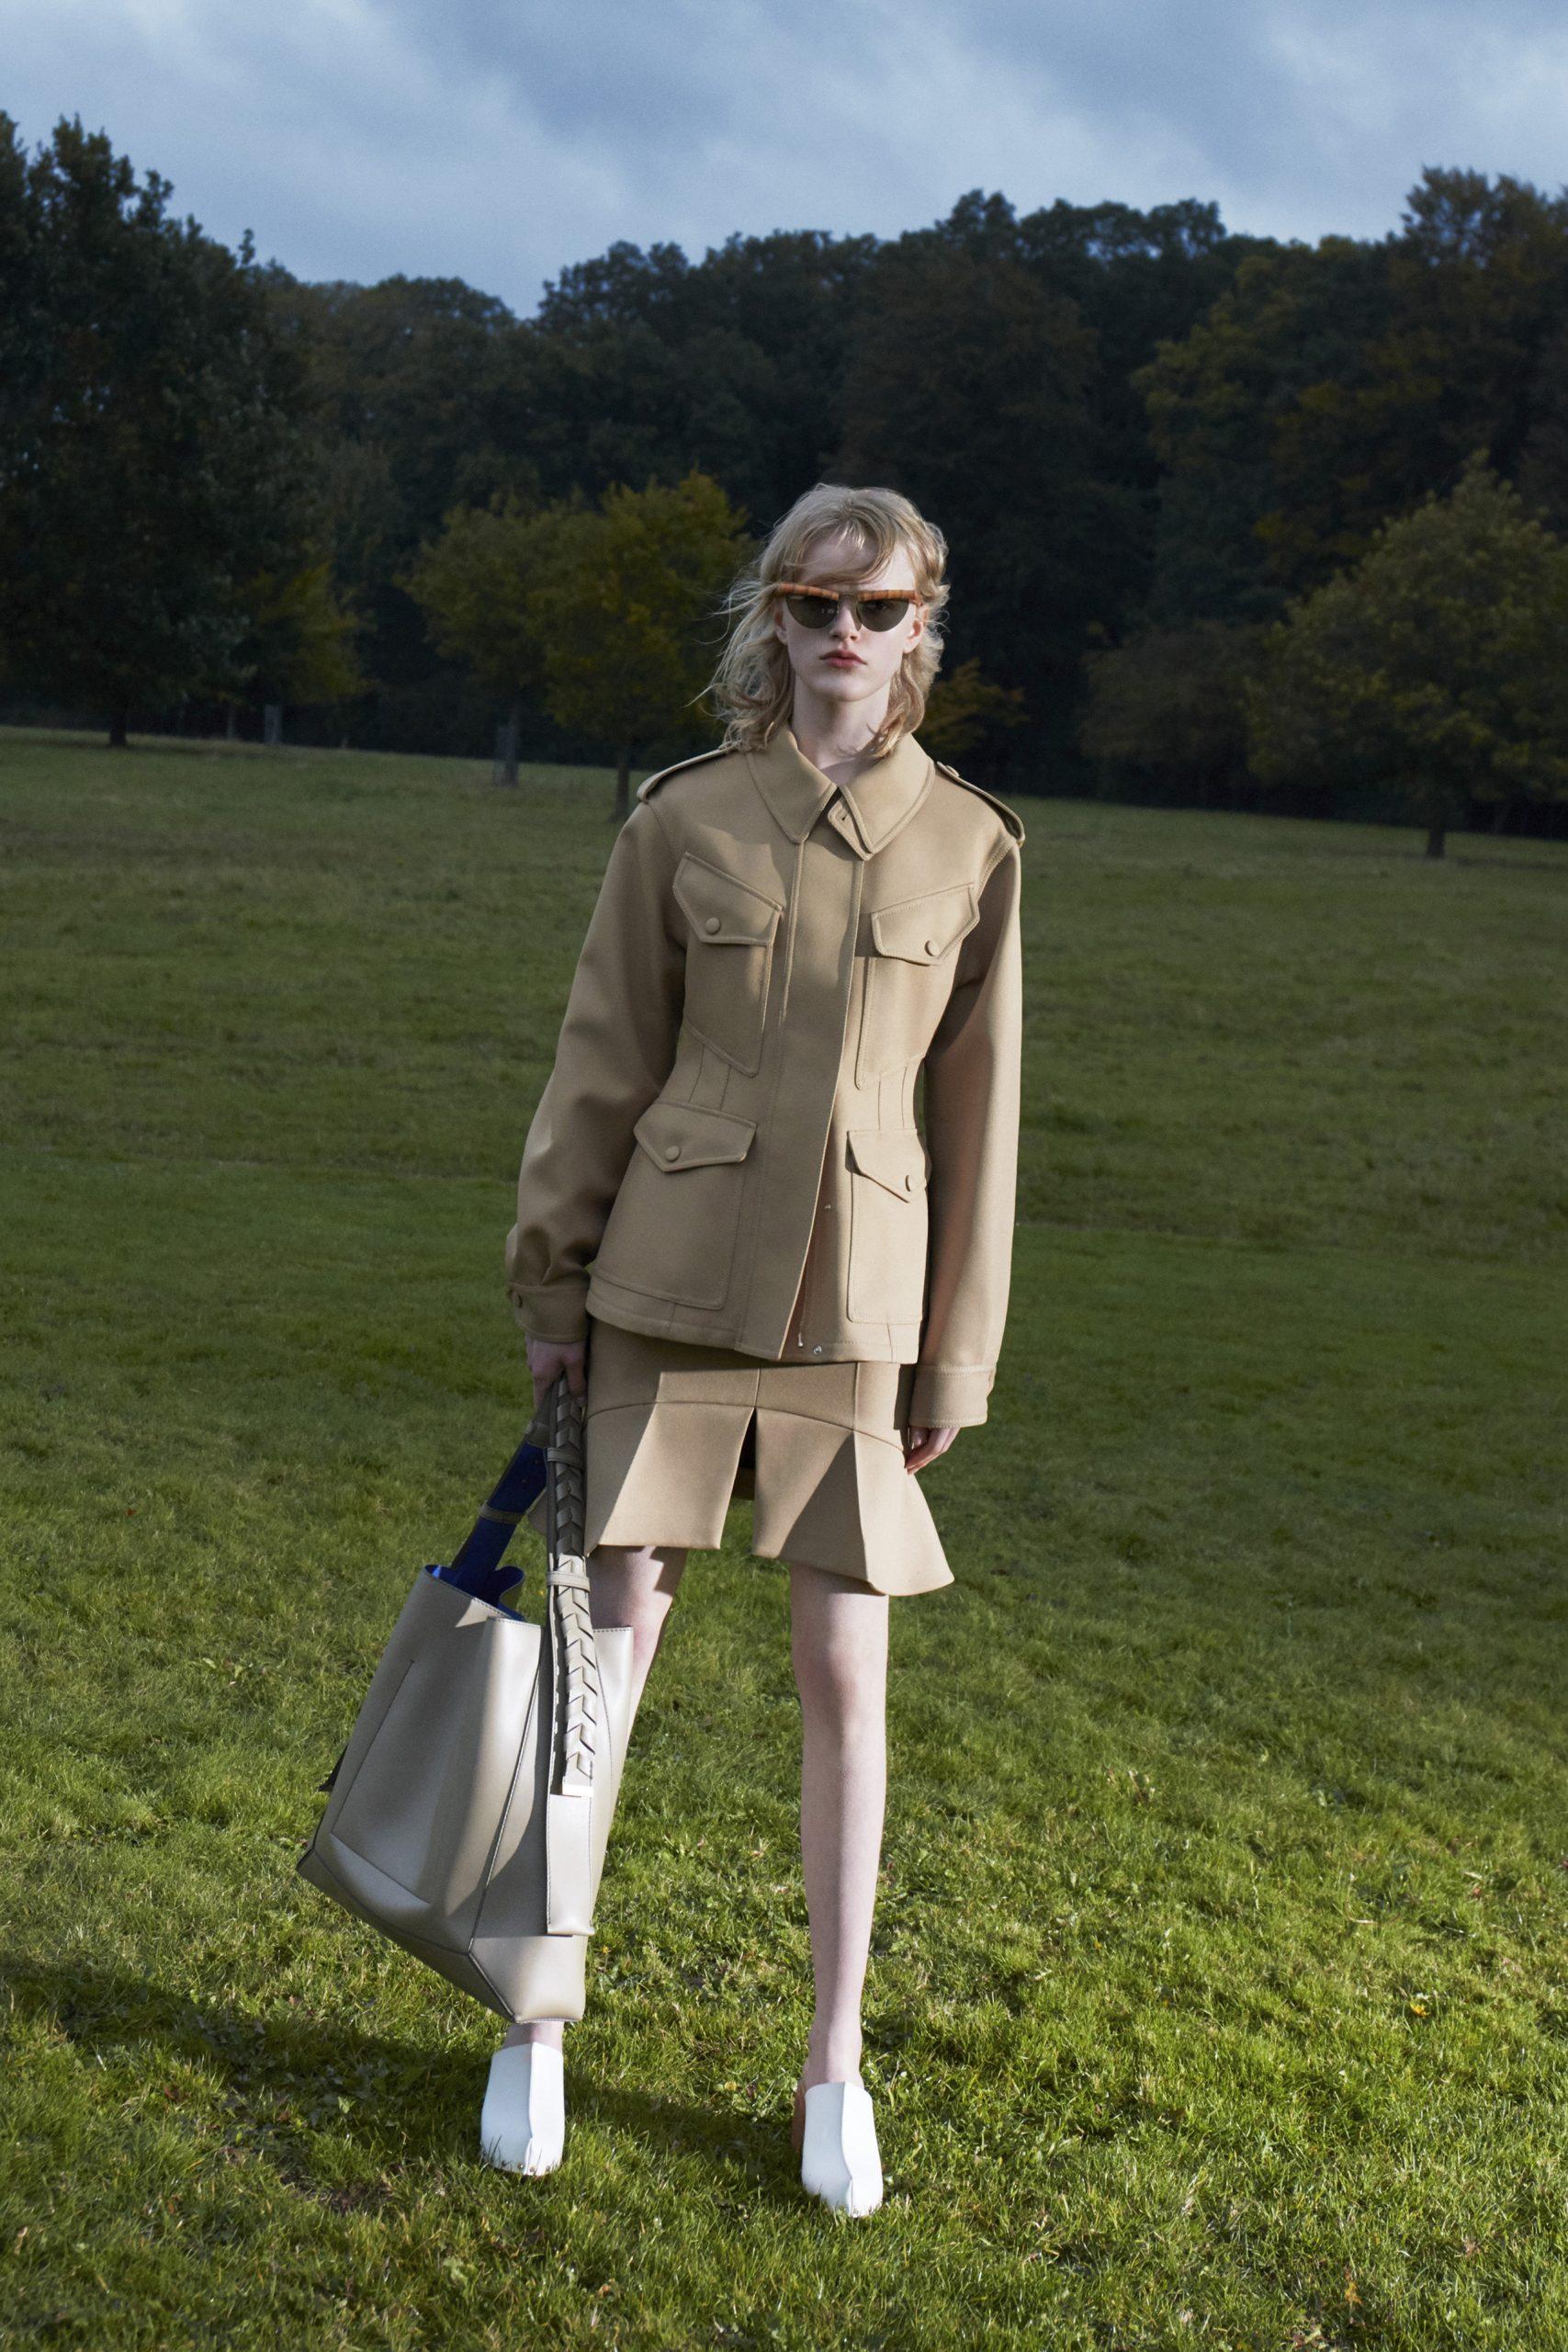 10. kép: Párizsi divathét - 2021-es tavaszi-nyári ready to wear kollekció - Stella McCartney